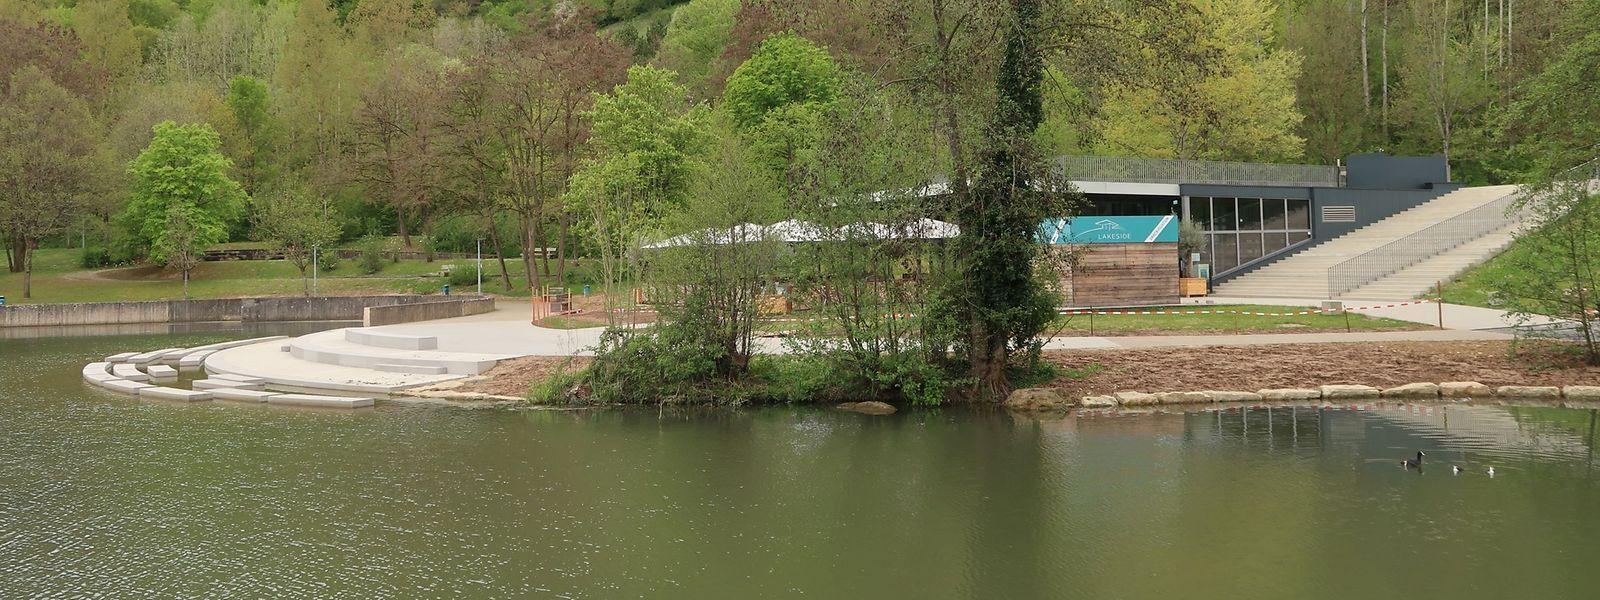 Neben den Stufen zum Sitzen und Balancieren will die Gemeinde Schilf als Barriere für Nilgänse anpflanzen.